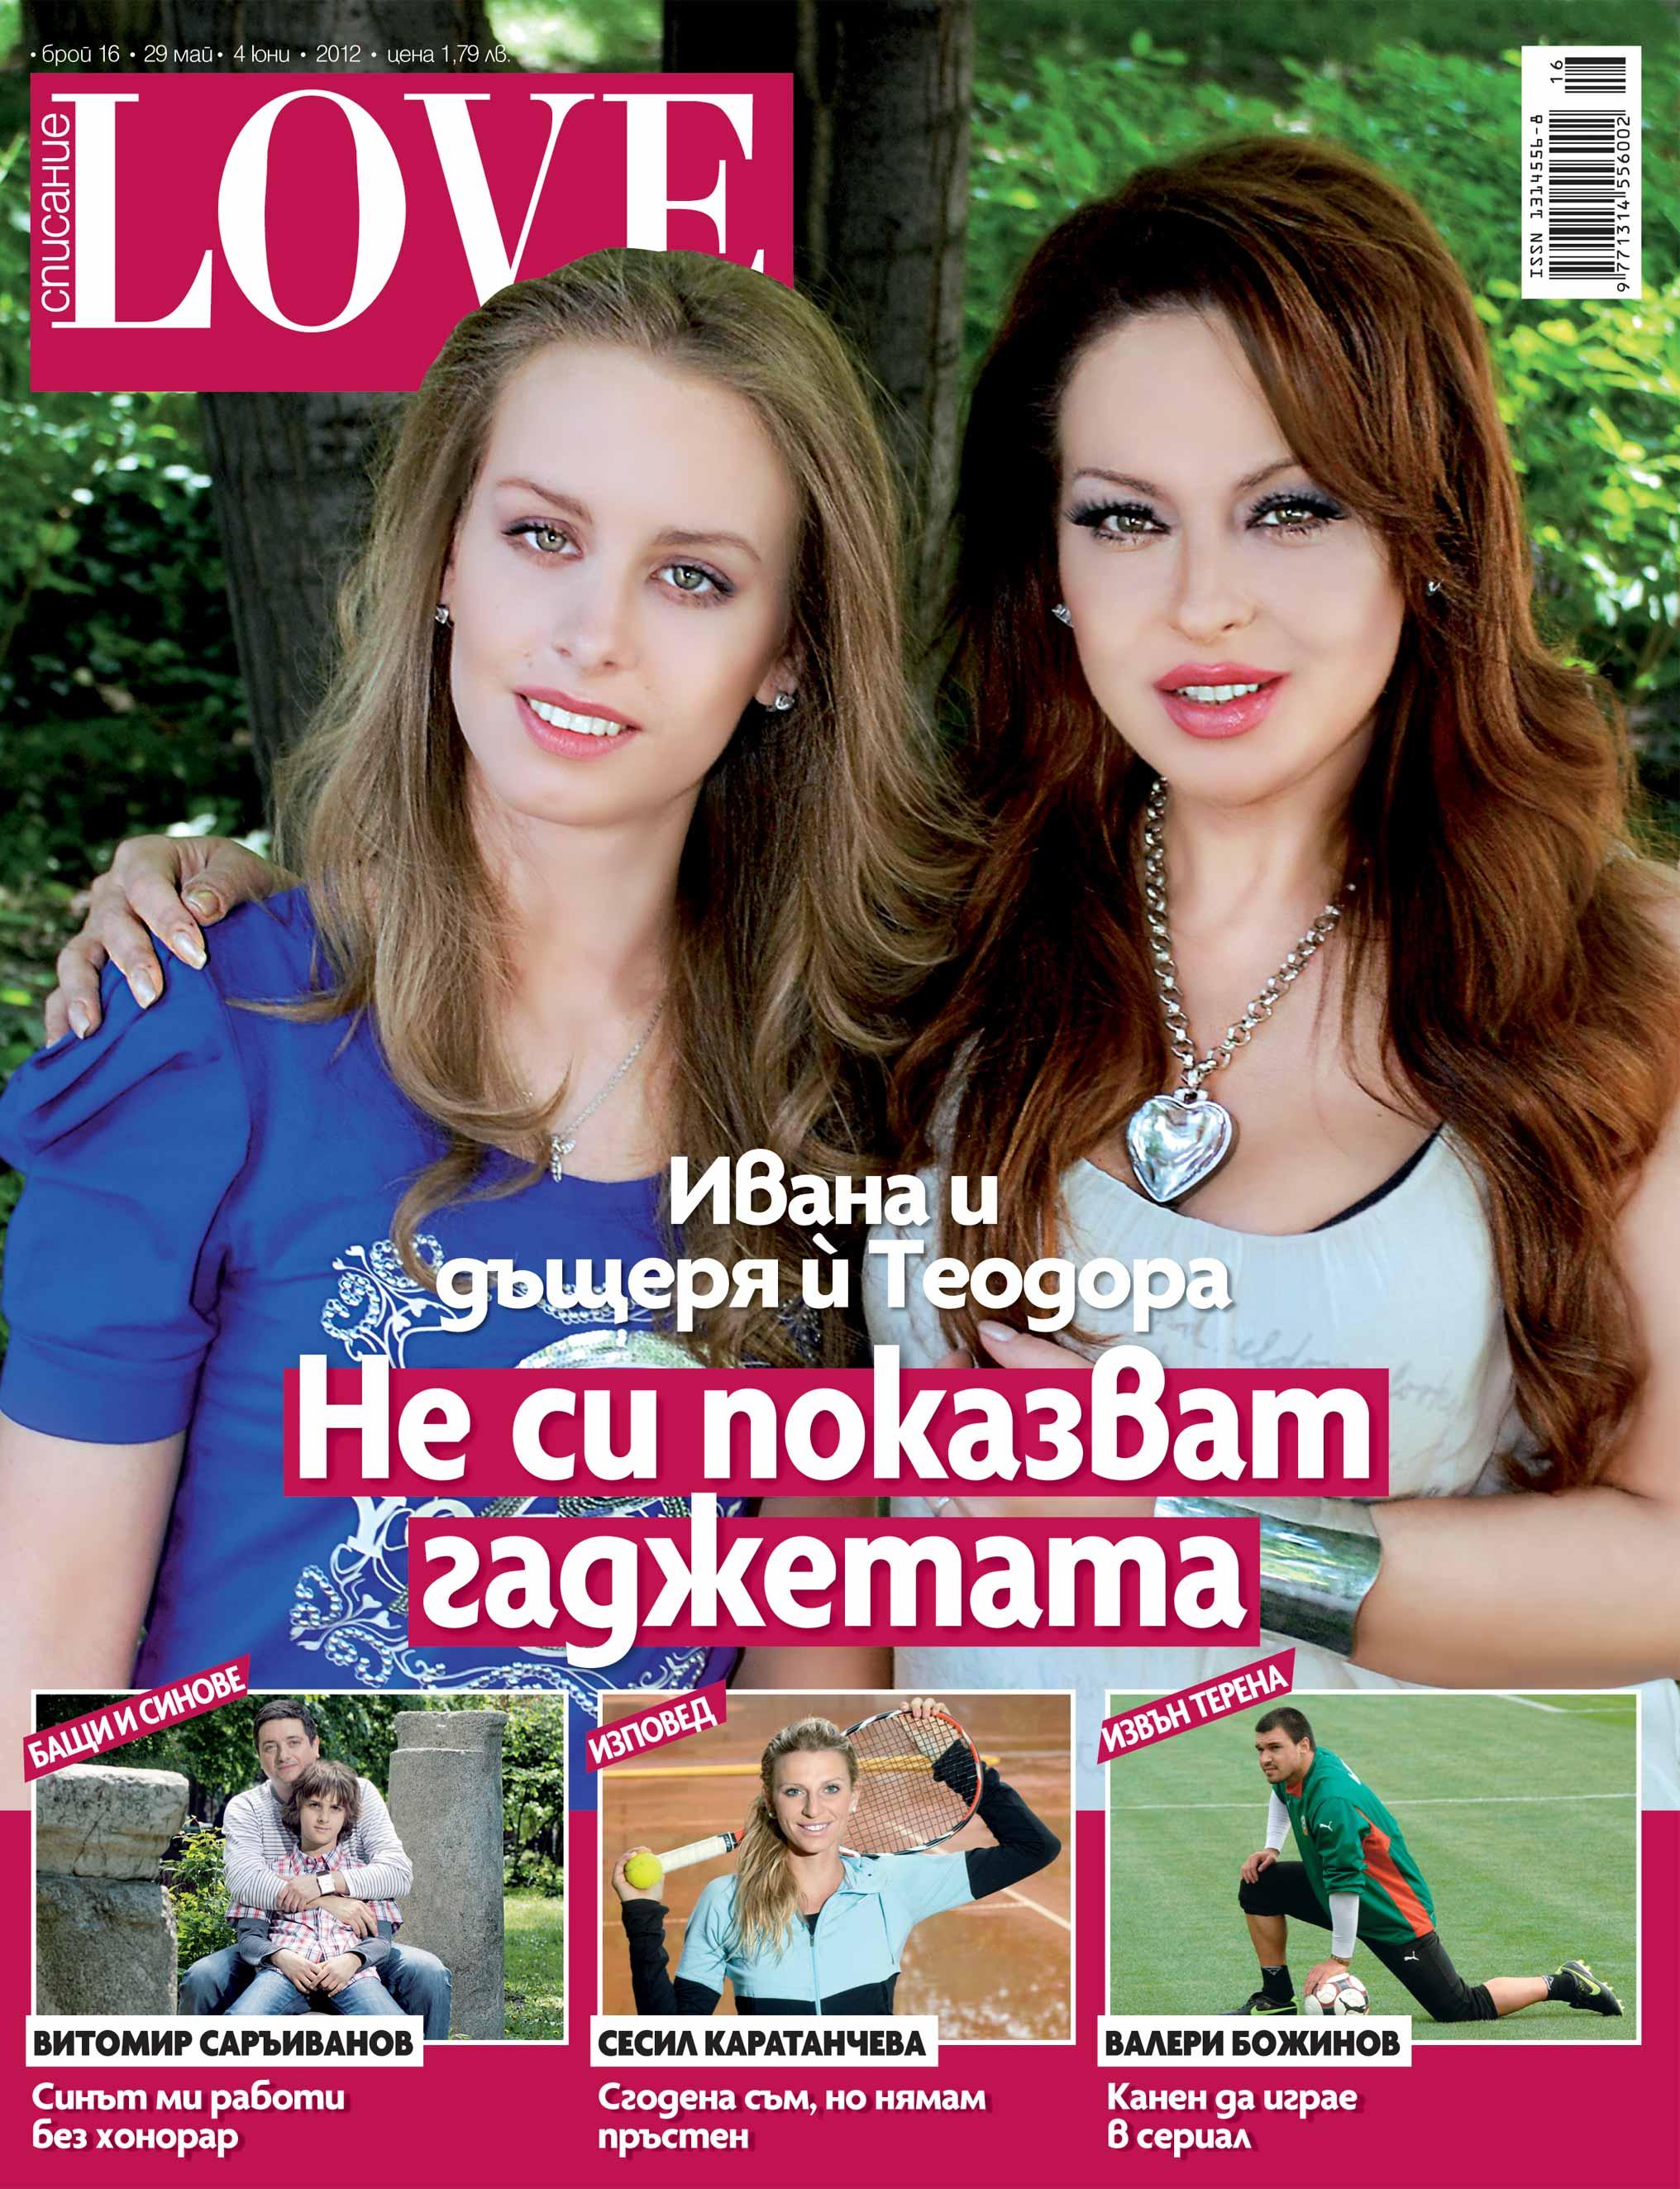 Ивана и дъщеря й крият гаджетата си една от друга